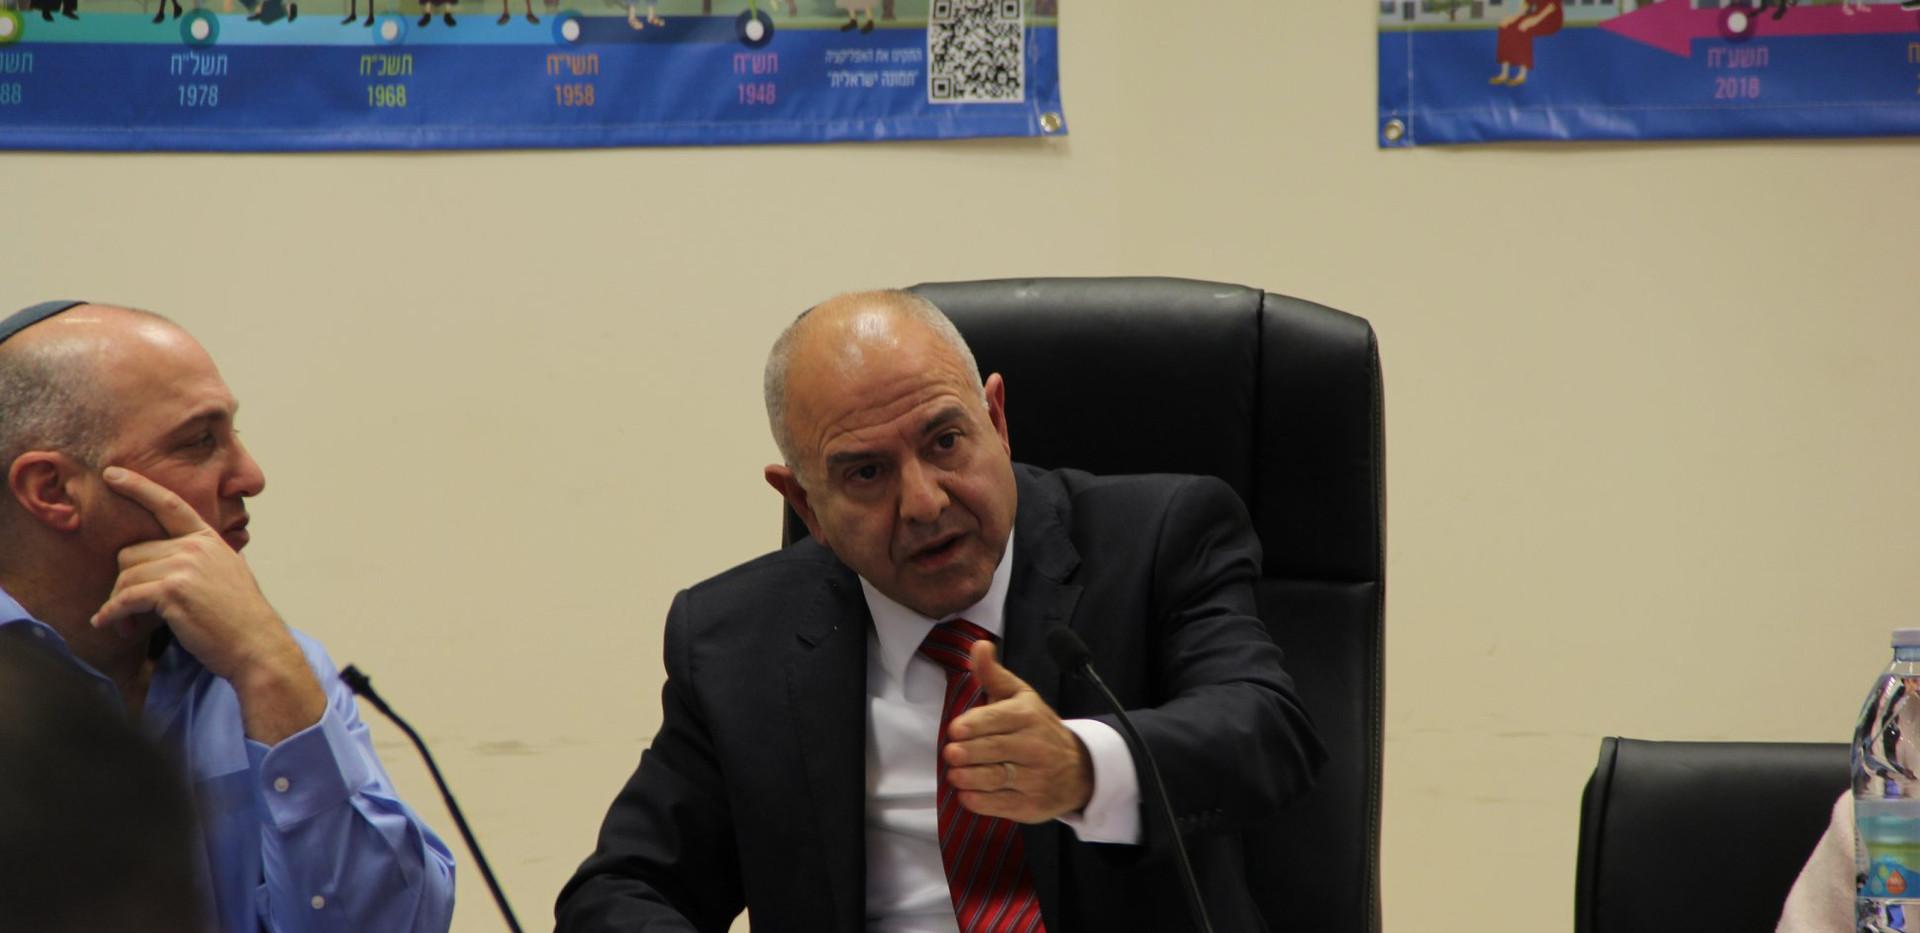 Dvir Kahana, Director General of the Ministry of Diaspora Affairs (right), and Shmuel Abuav, Director General of the Ministry of Education (left).